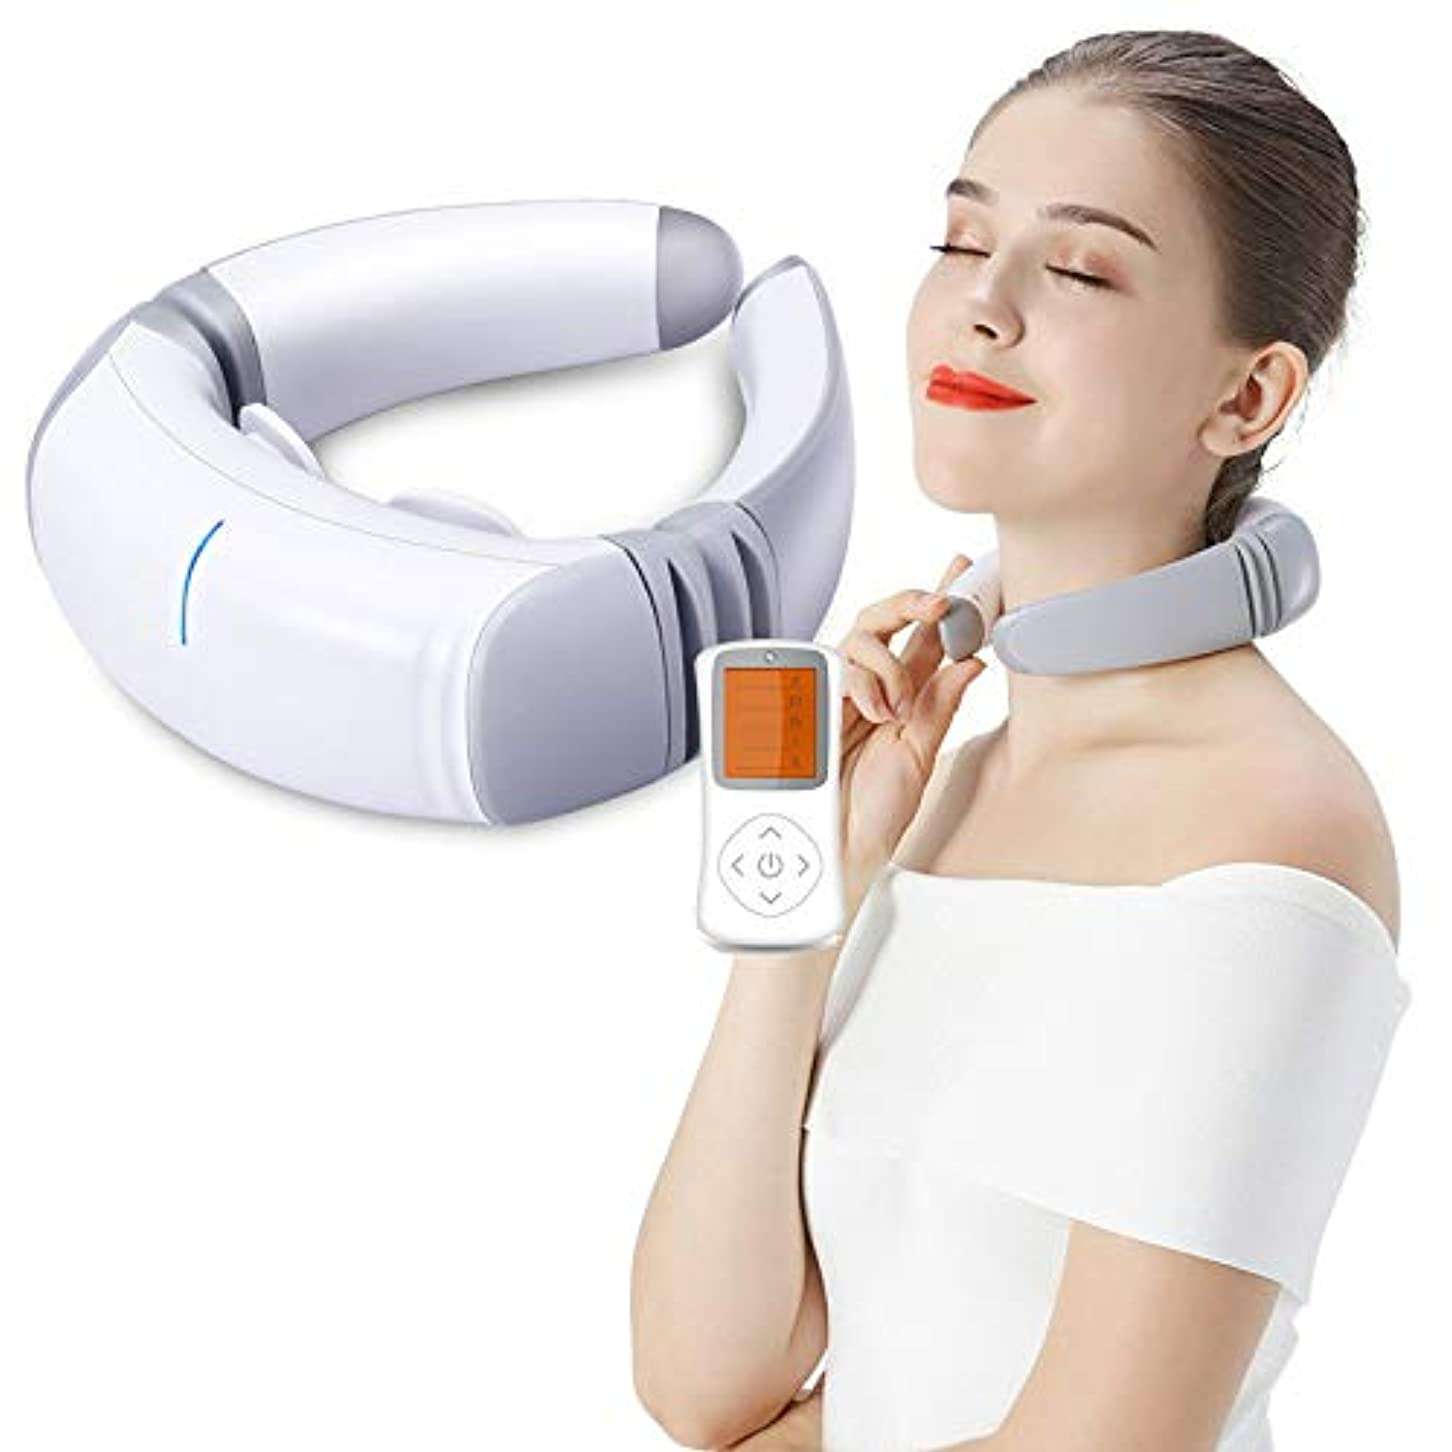 とても多くの意図材料多機能ネックマッサージャーディープティッシュワイヤレス3D混練、子宮頸部マッサージャーホーム電子パルス車、オフィス用